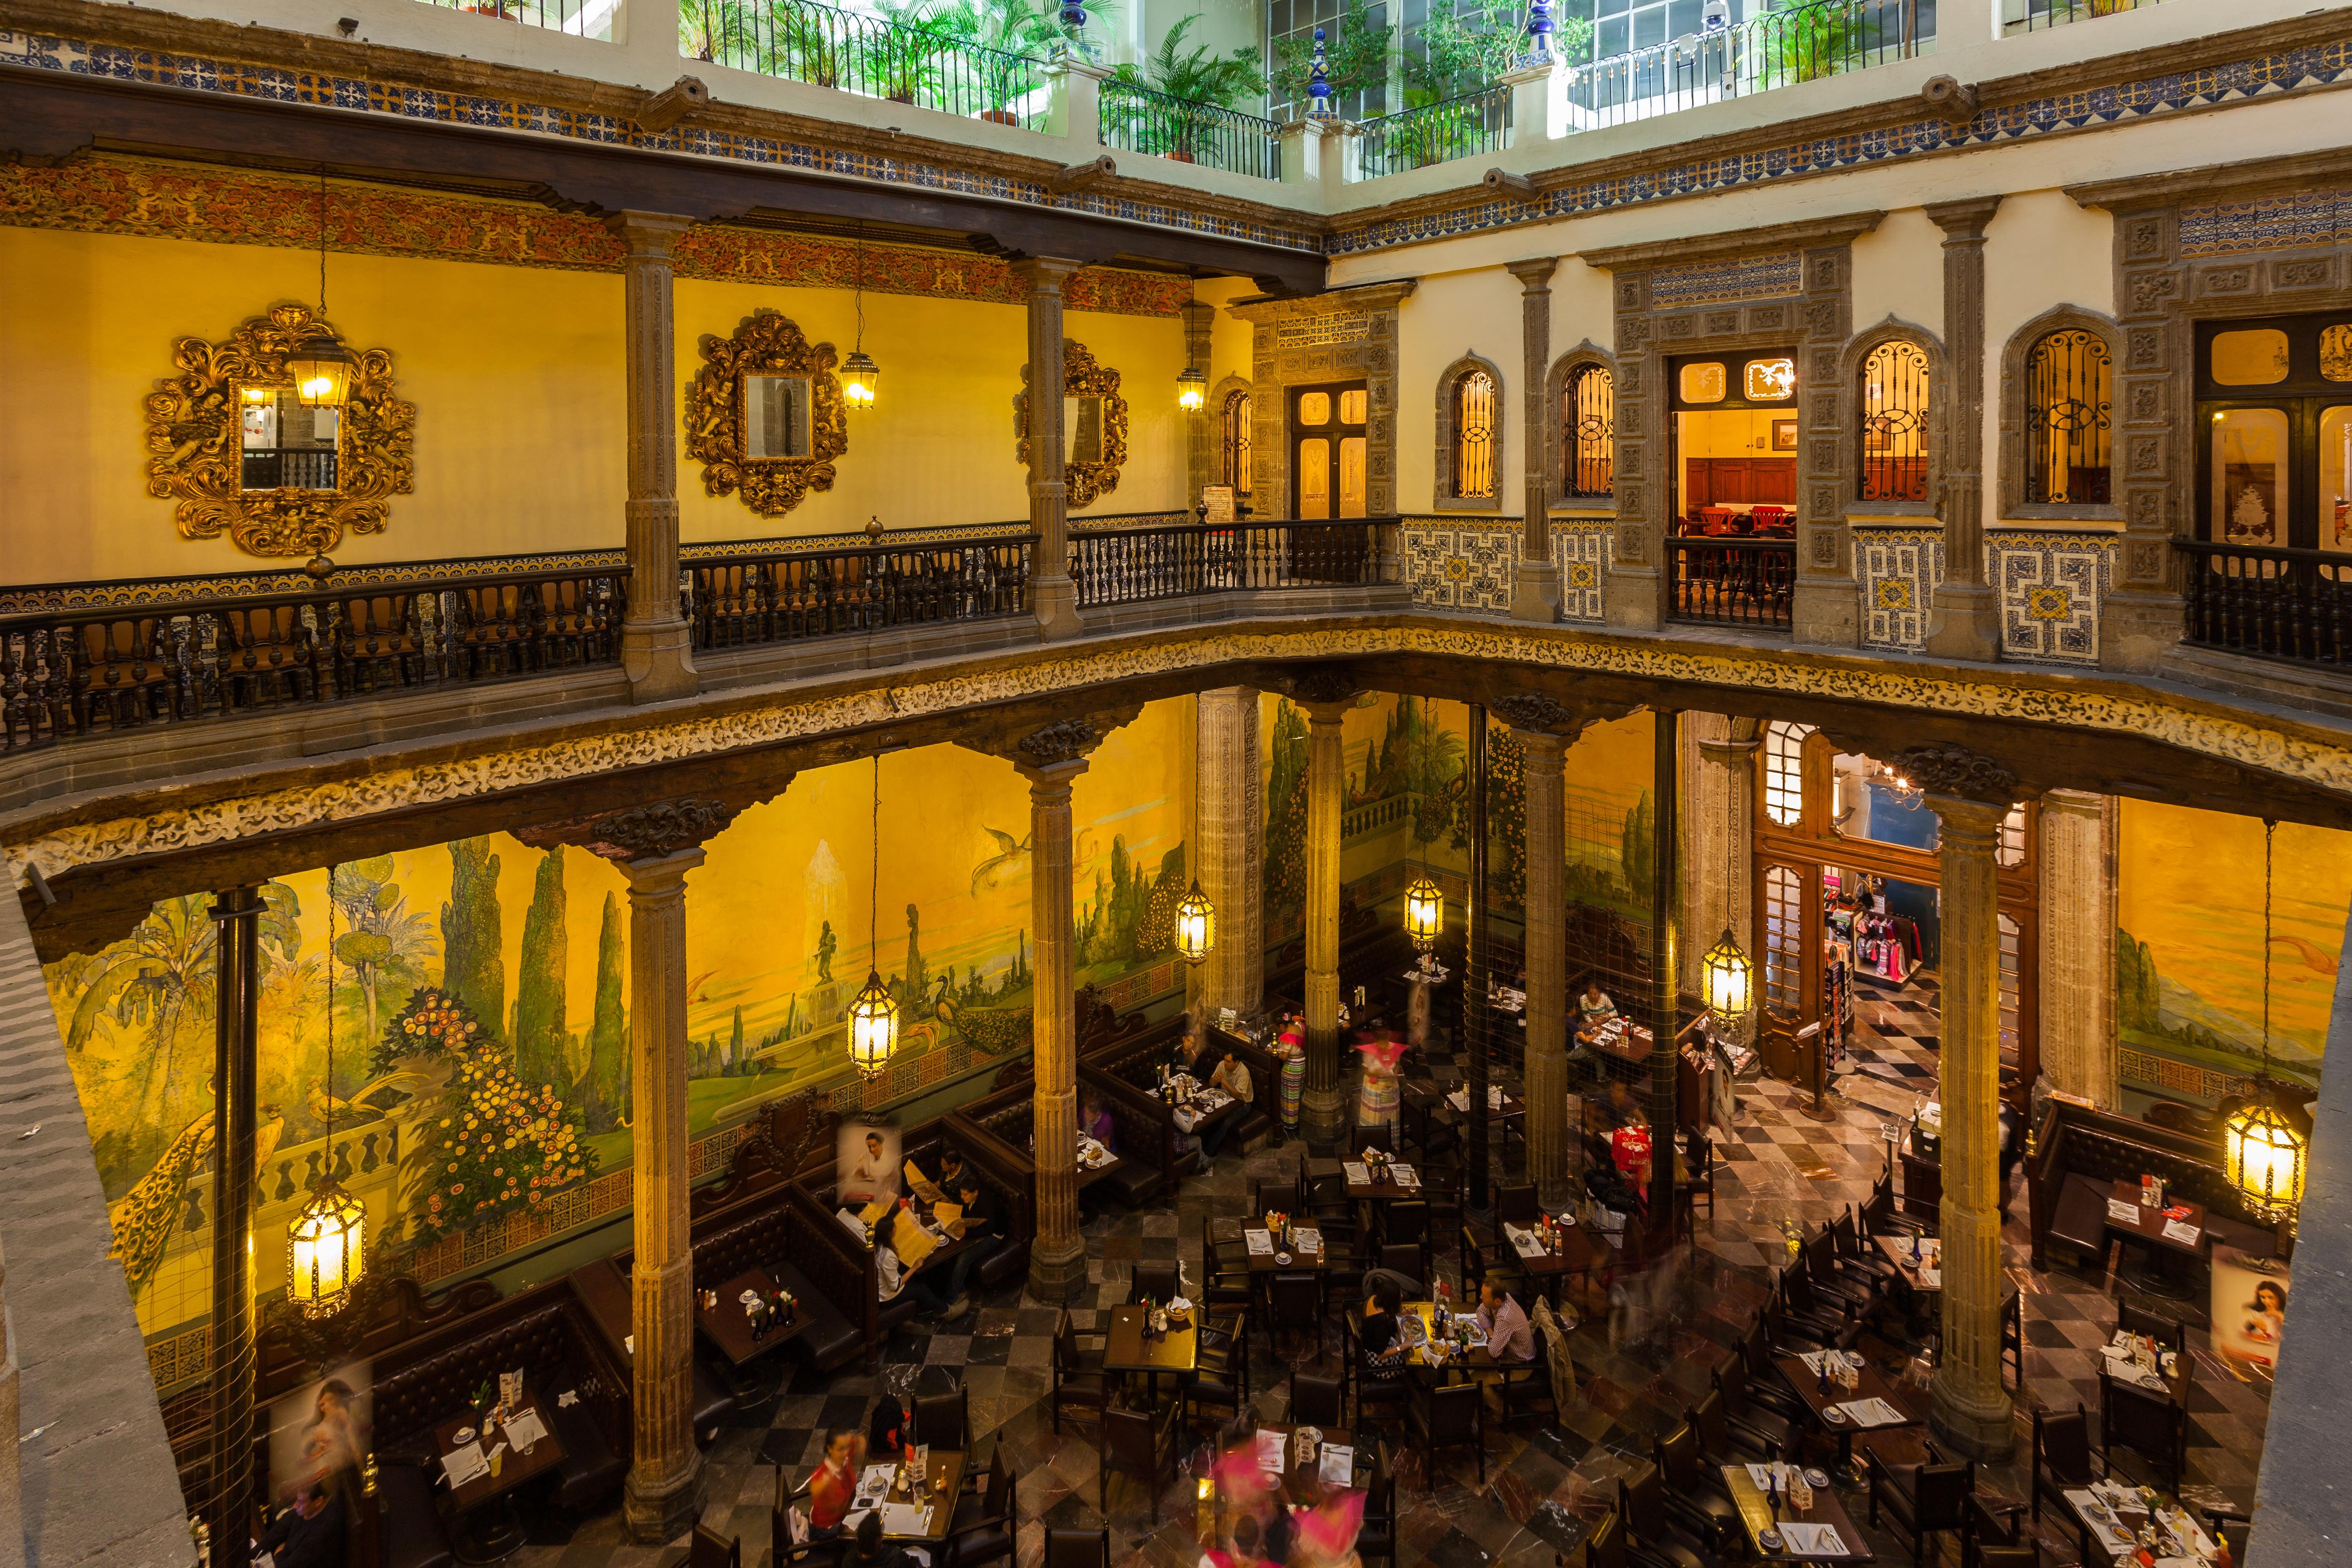 File casa de los azulejos m xico d f m xico 2014 10 13 for Sanborns azulejos restaurante